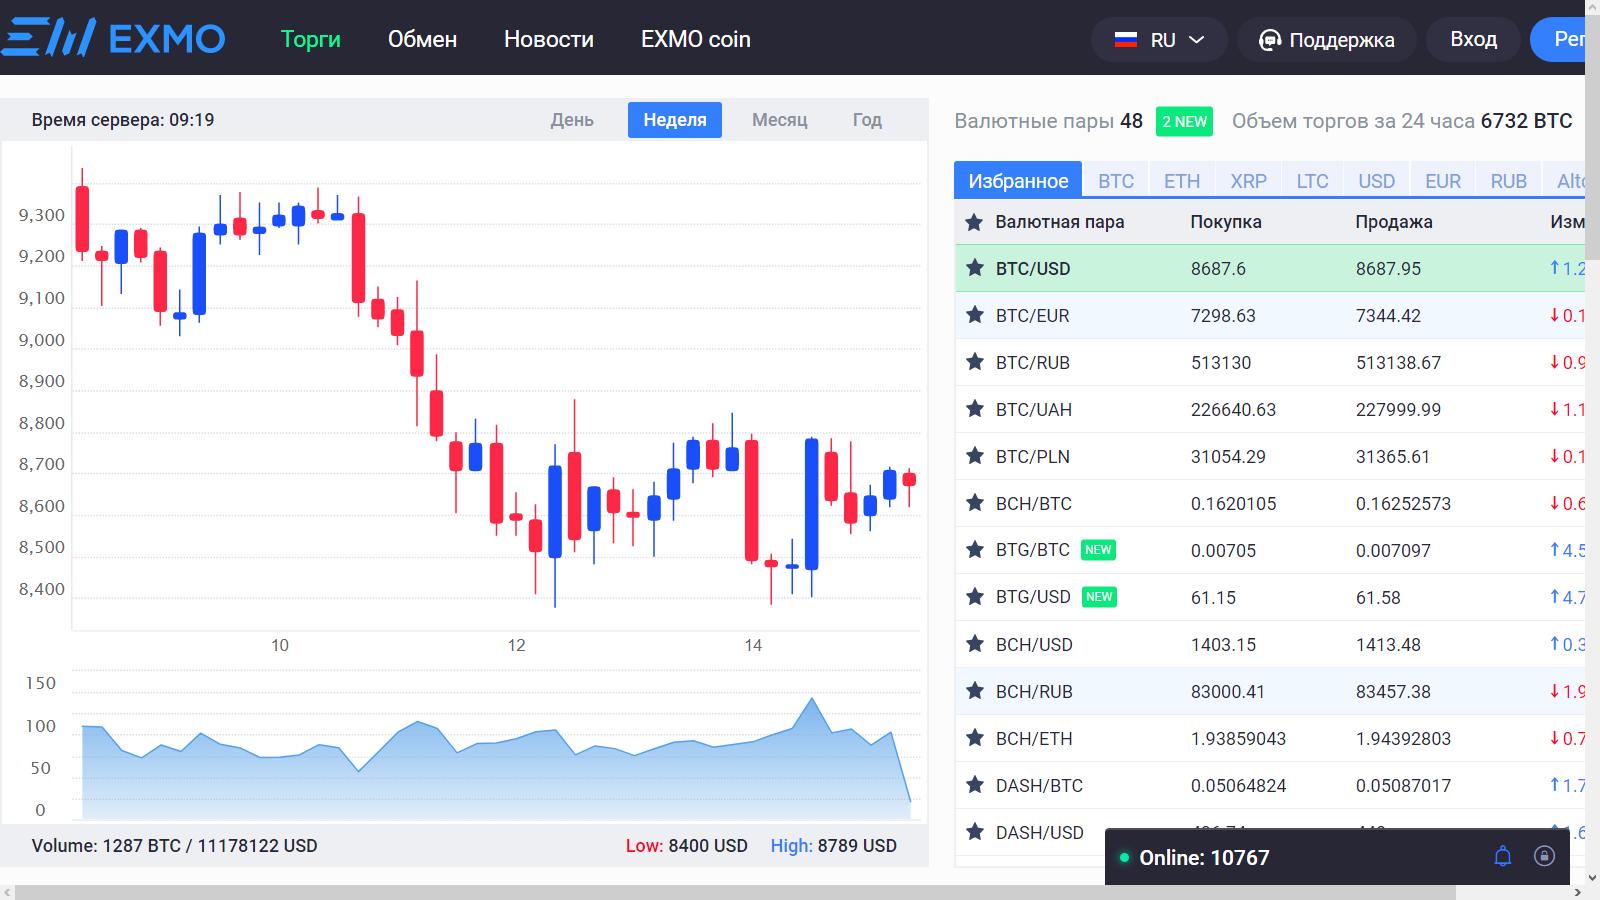 Свечной онлайн график курса биткоина